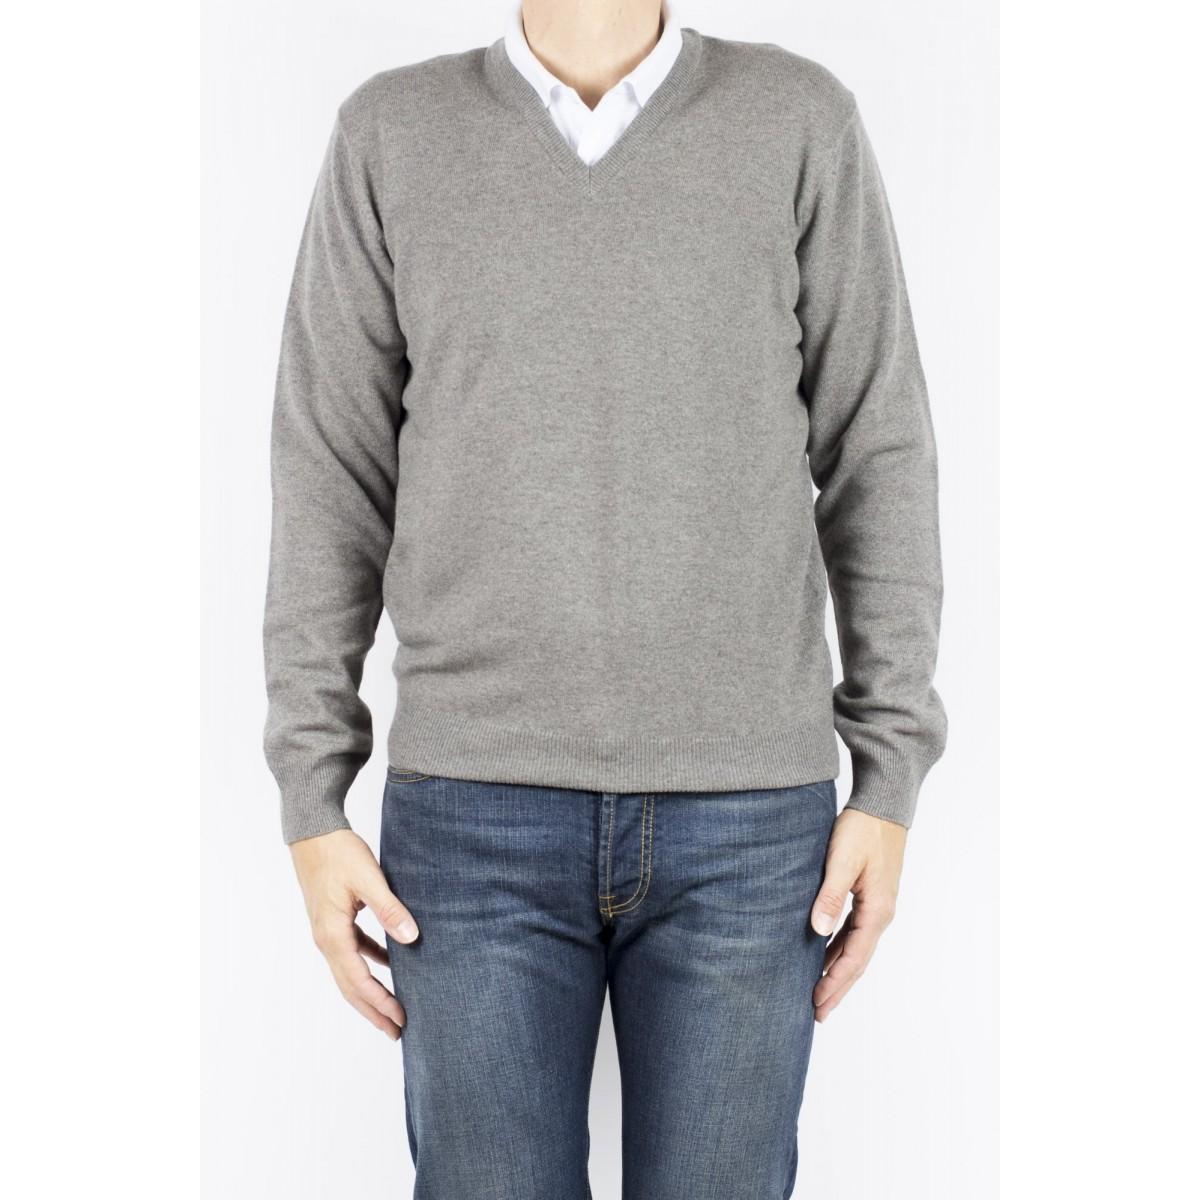 Maglia uomo Kangra - 7001/02 al maglia v toppa tono su tono 42 - corteccia